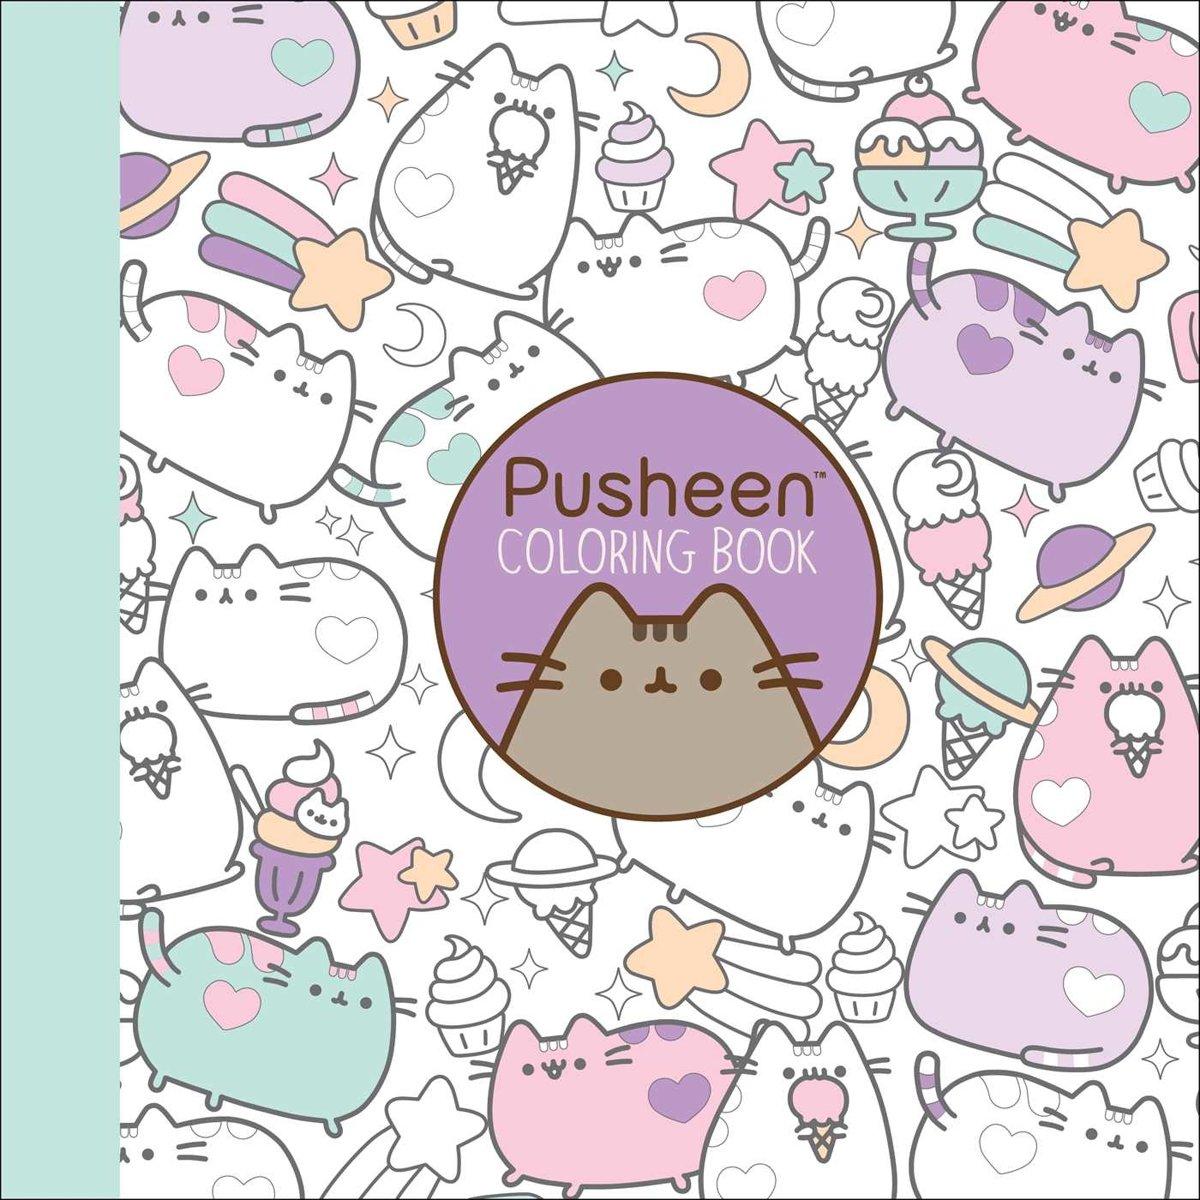 Bol Com Pusheen Coloring Book Claire Belton 9781501164767 Boeken